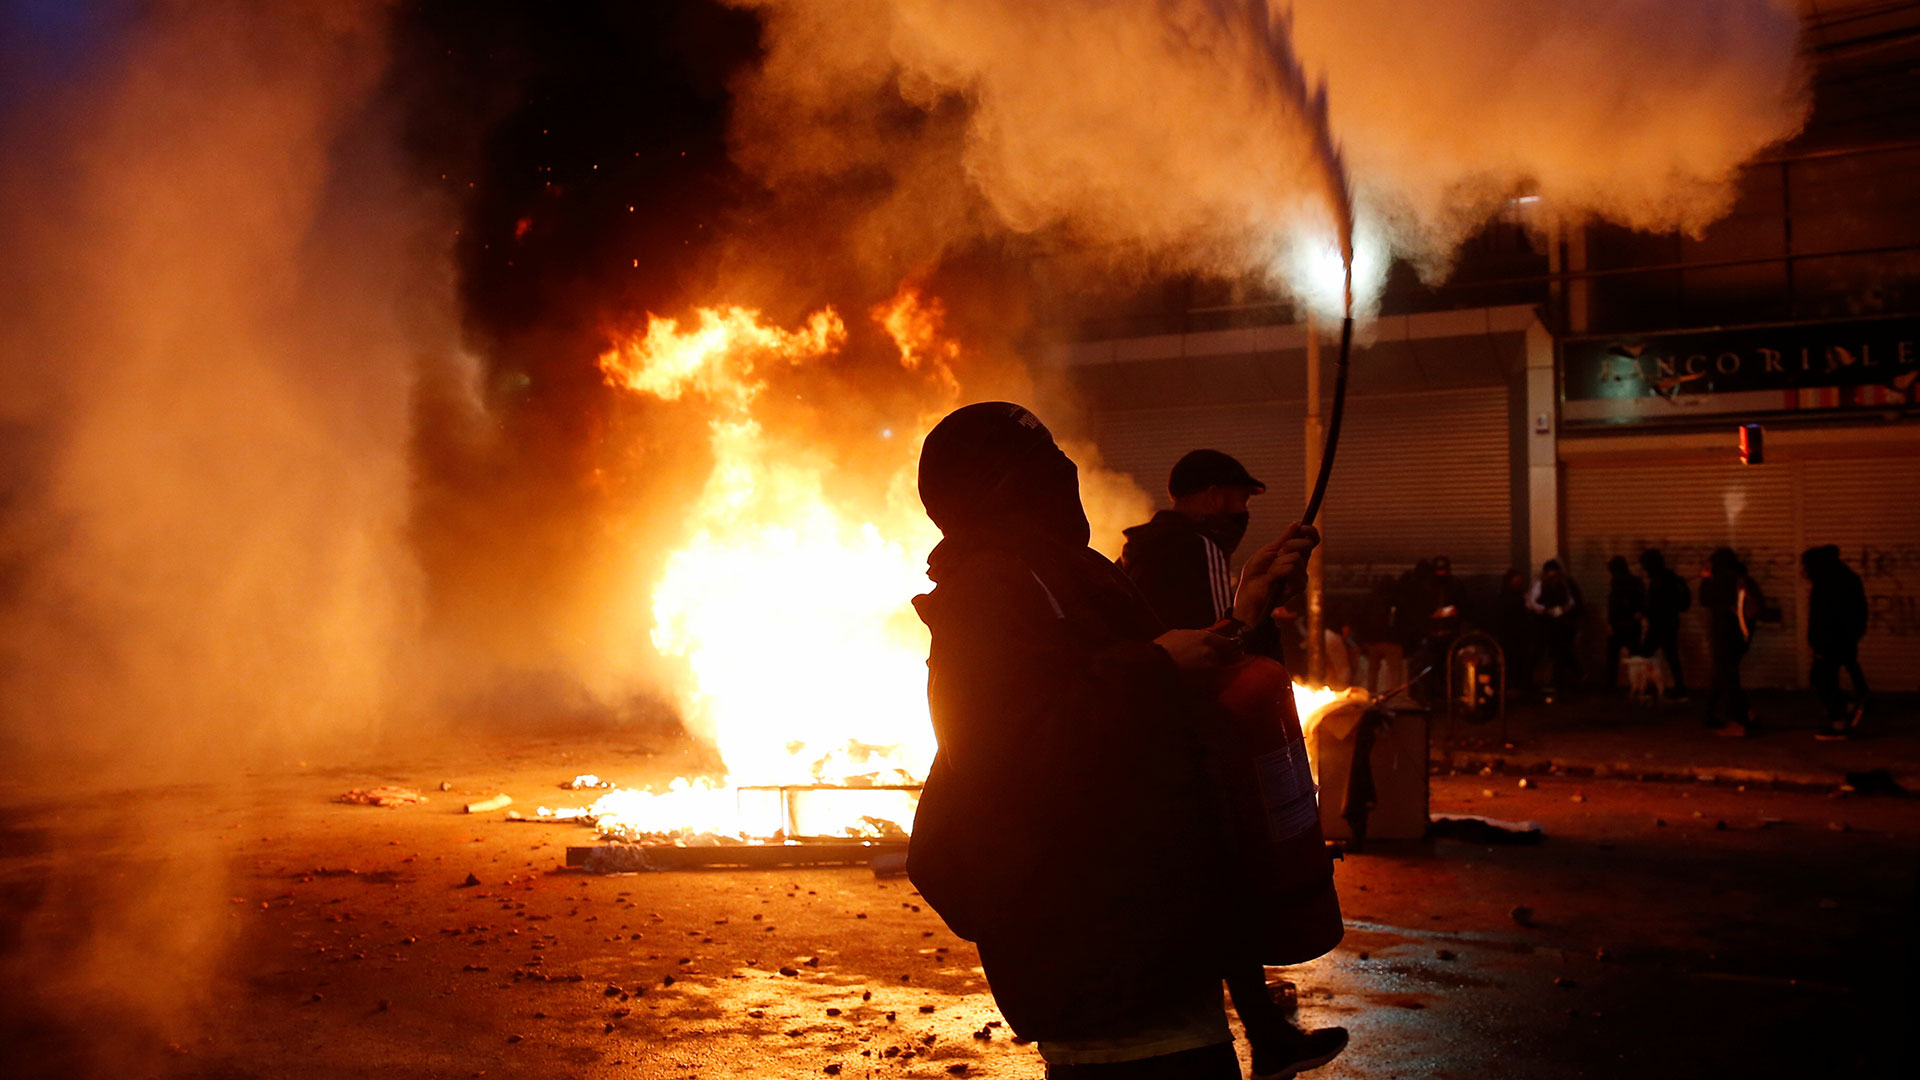 Manifestantes al rededor de una calle en llamas en Valparaíso.